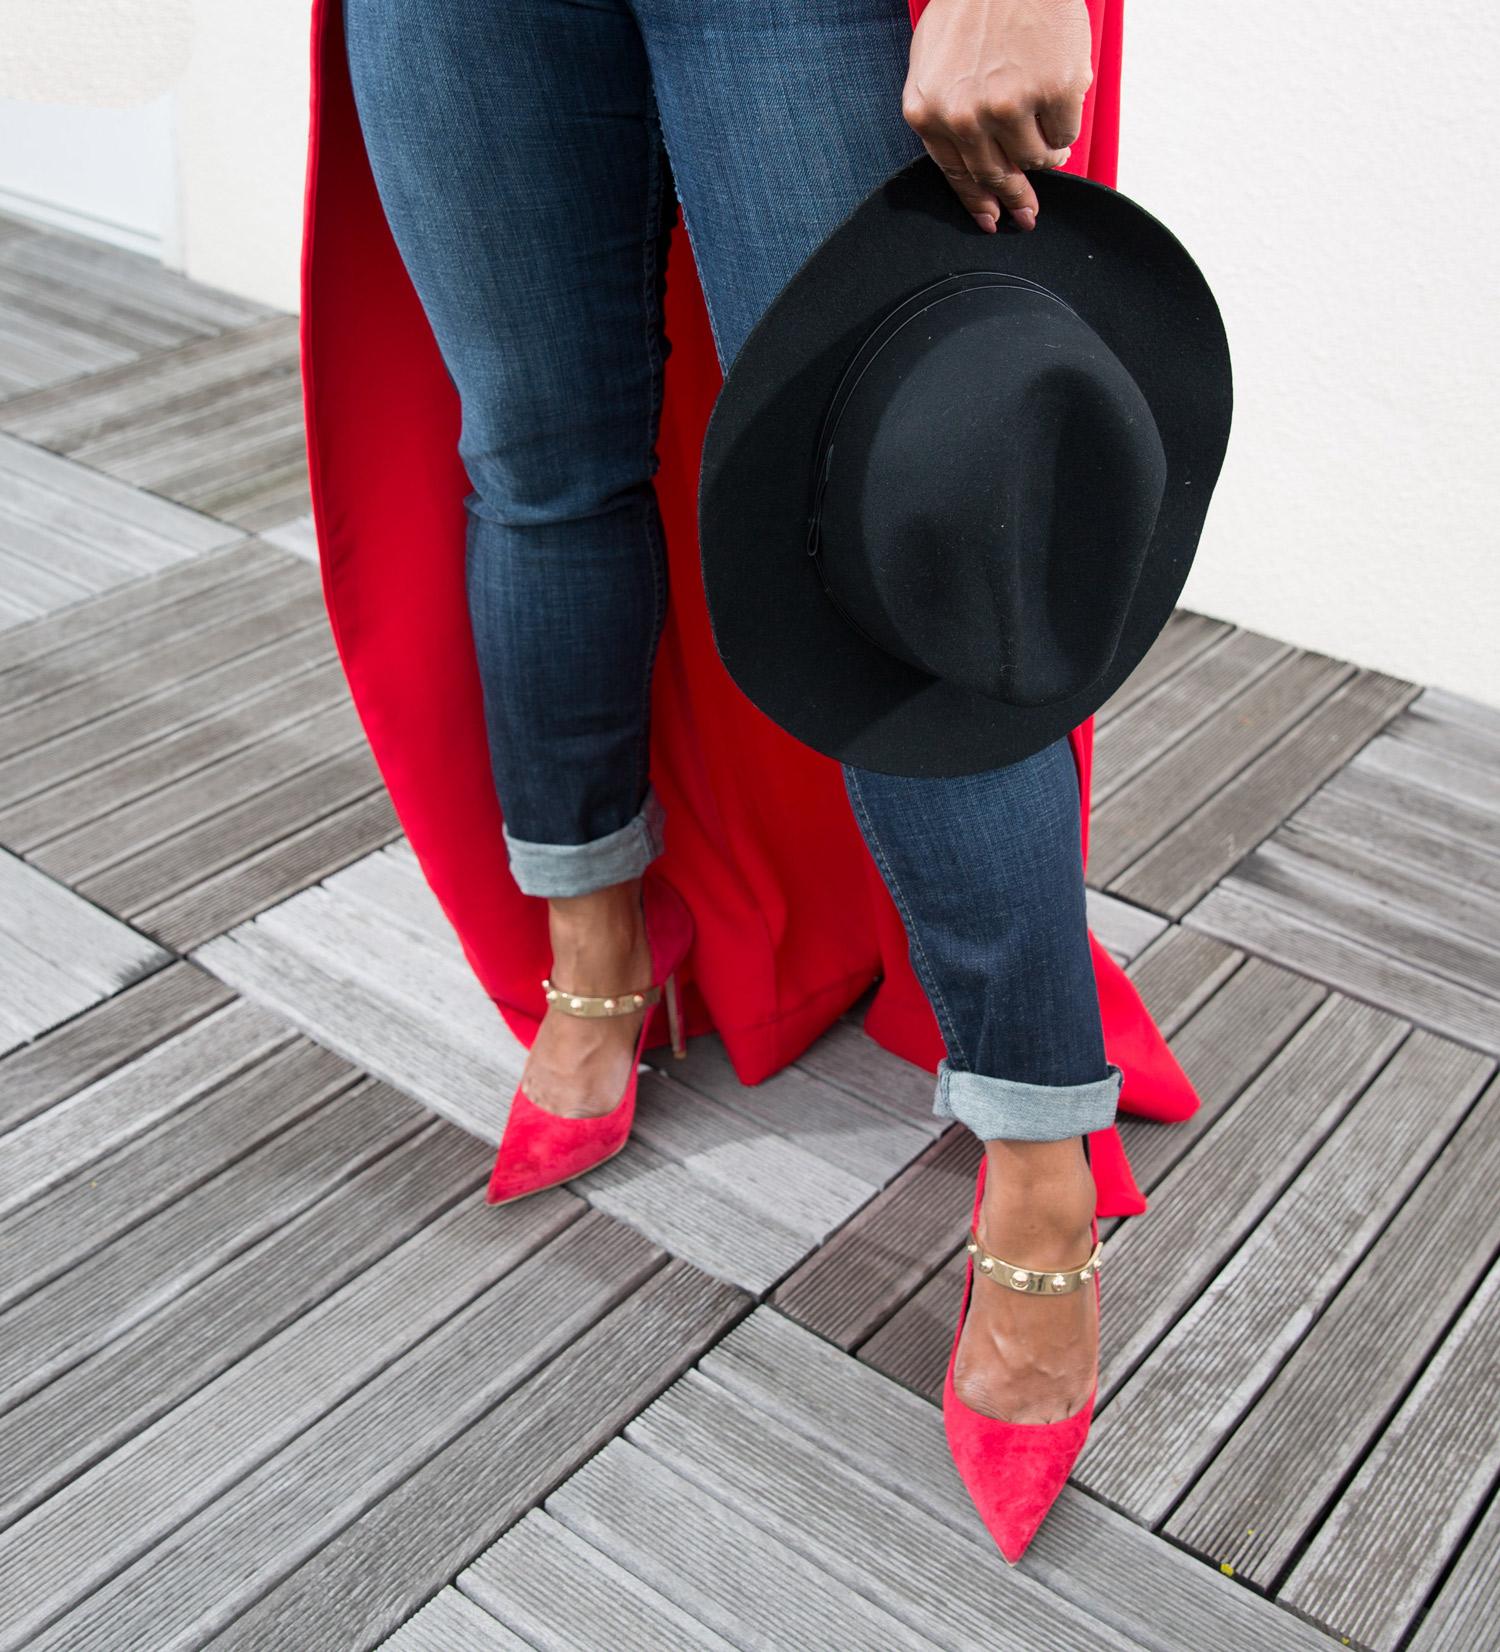 Lia_Larrea_Claire_Sulmers_Fashion_Bomb_Daily_Woman_in_Control